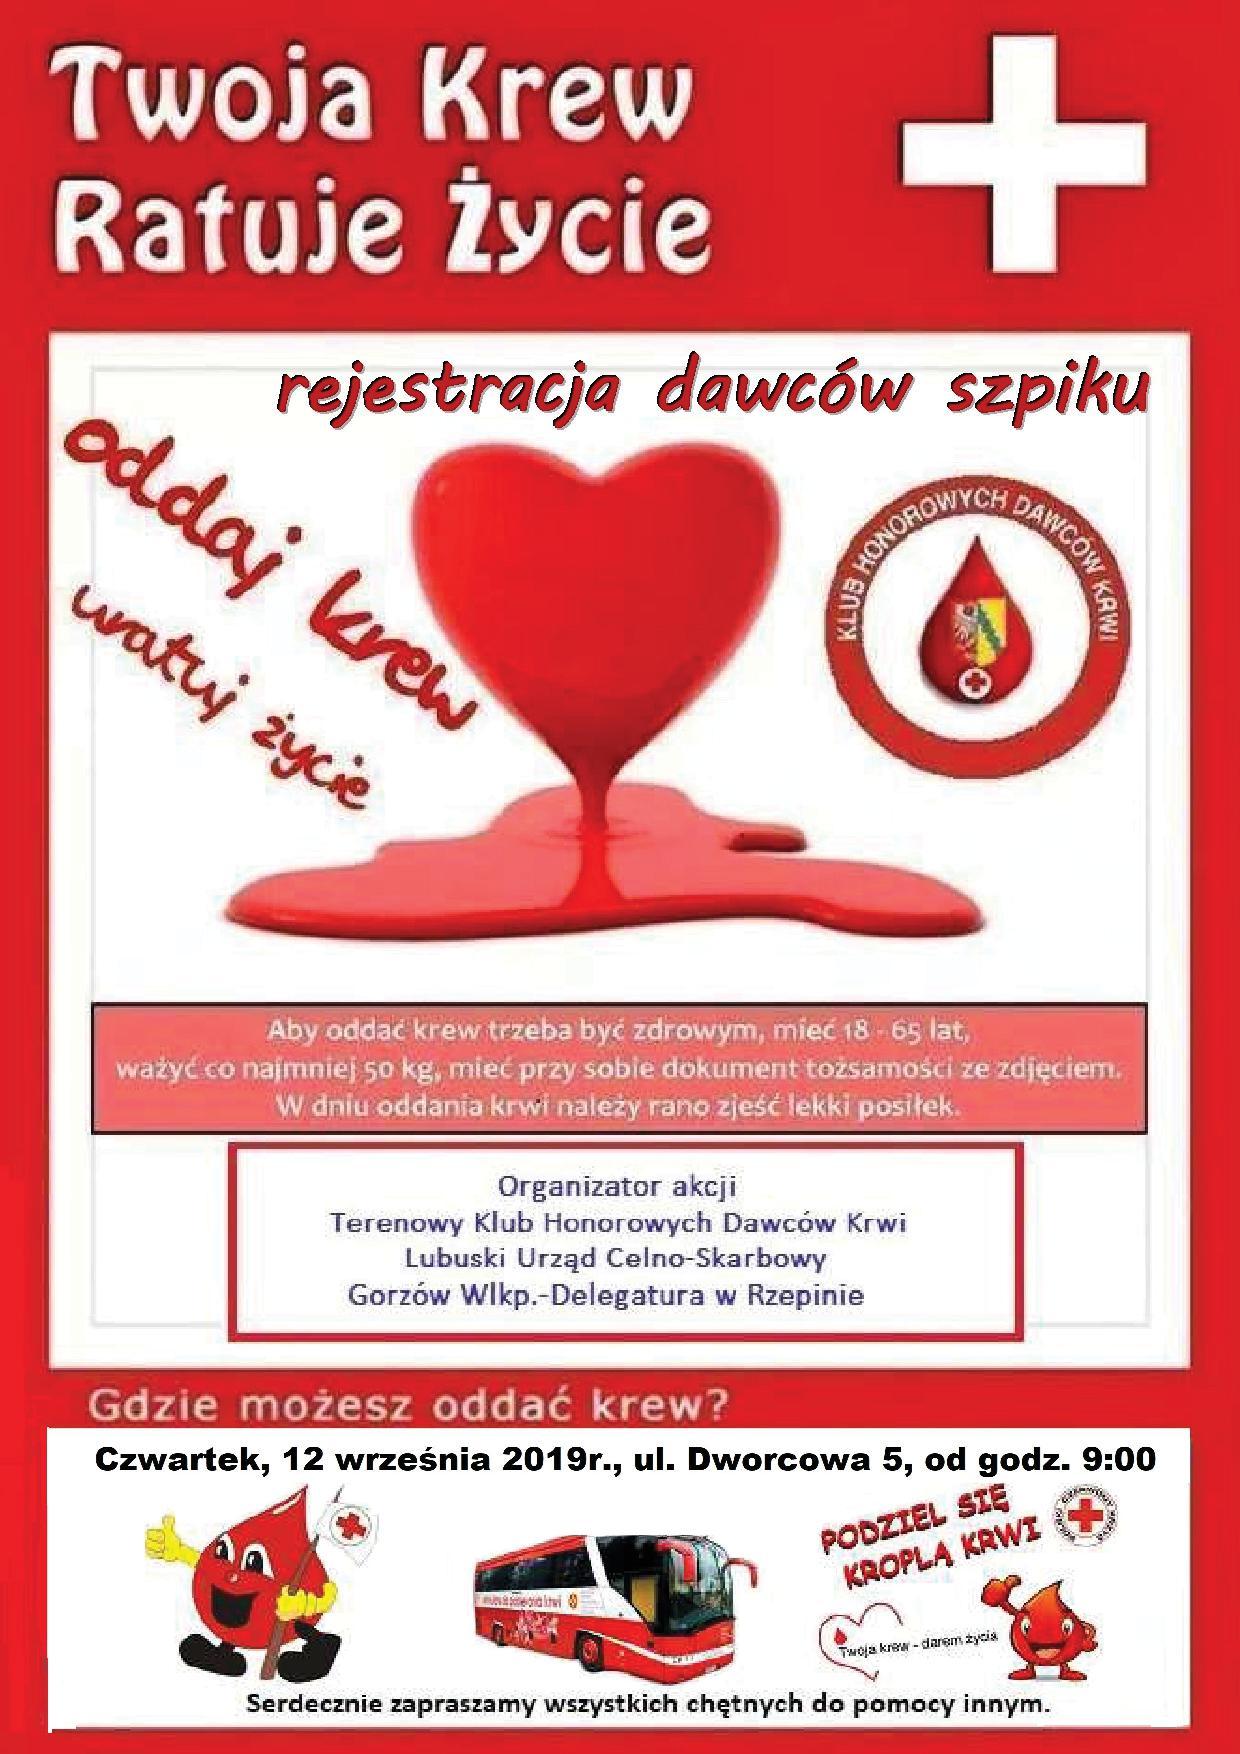 Ilustracja do informacji: Twoja krew ratuje życie!!